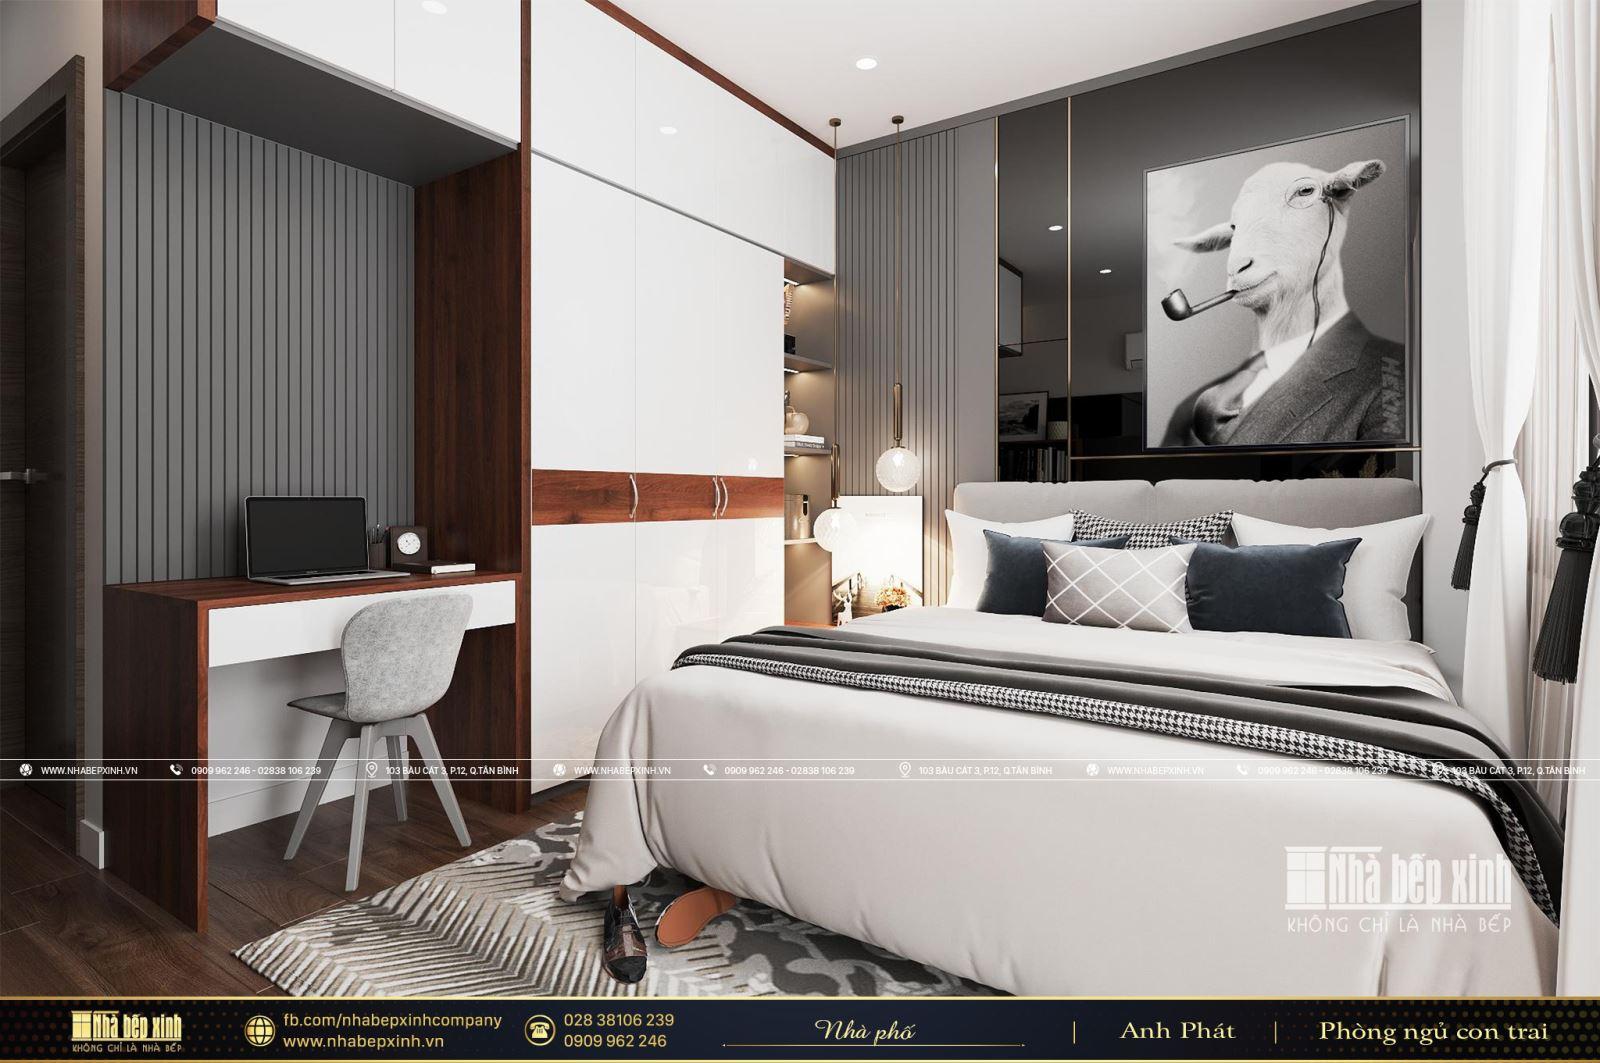 Mẫu phòng ngủ hiện đại dành cho con trai